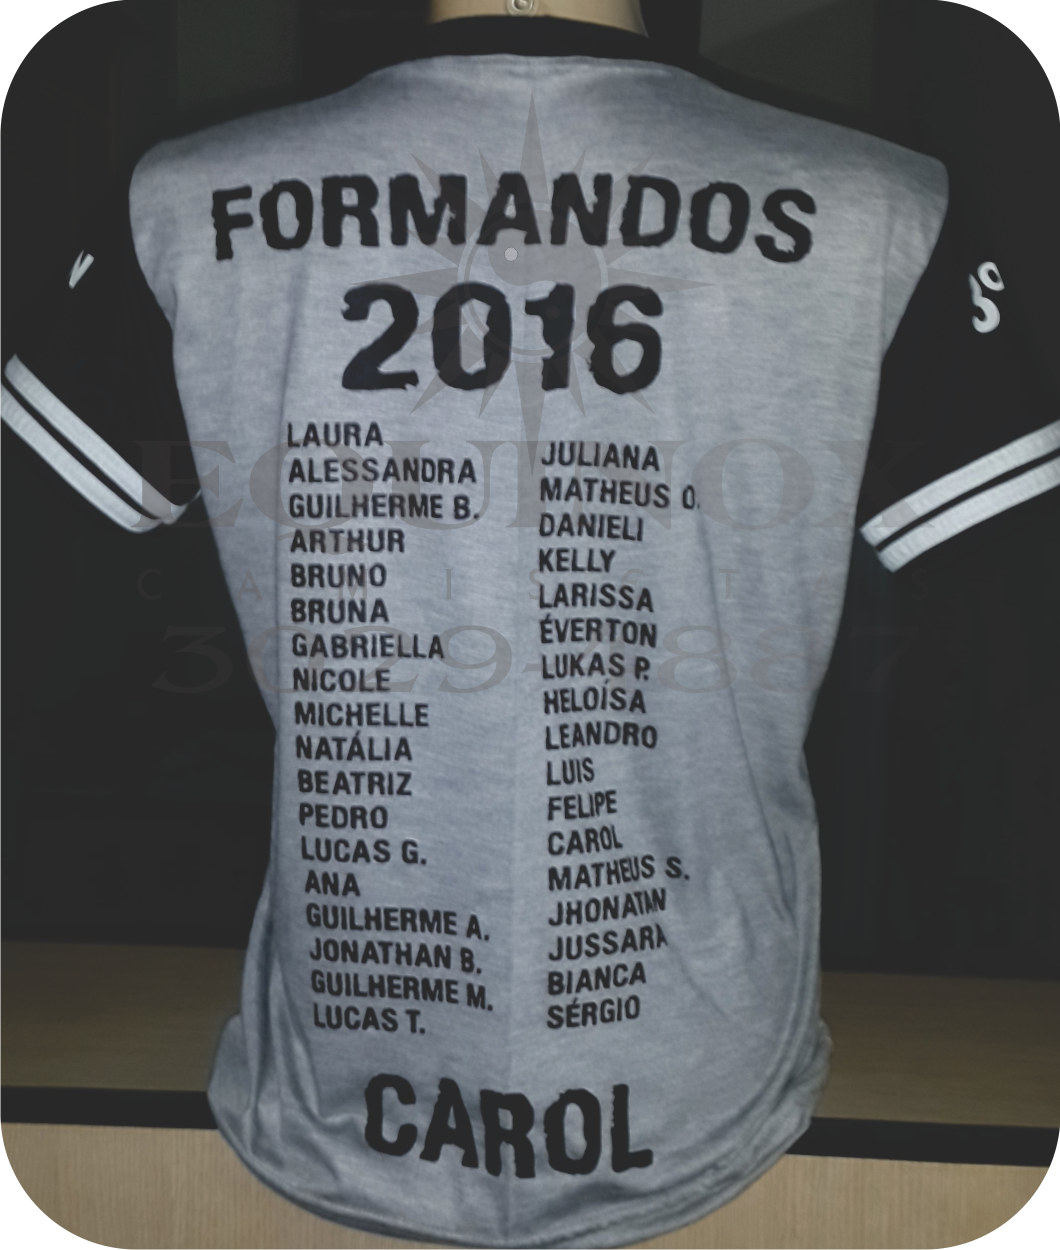 Equinox Camisetas (19) 3029.4887  Formandos Leão 26d86bf7e78